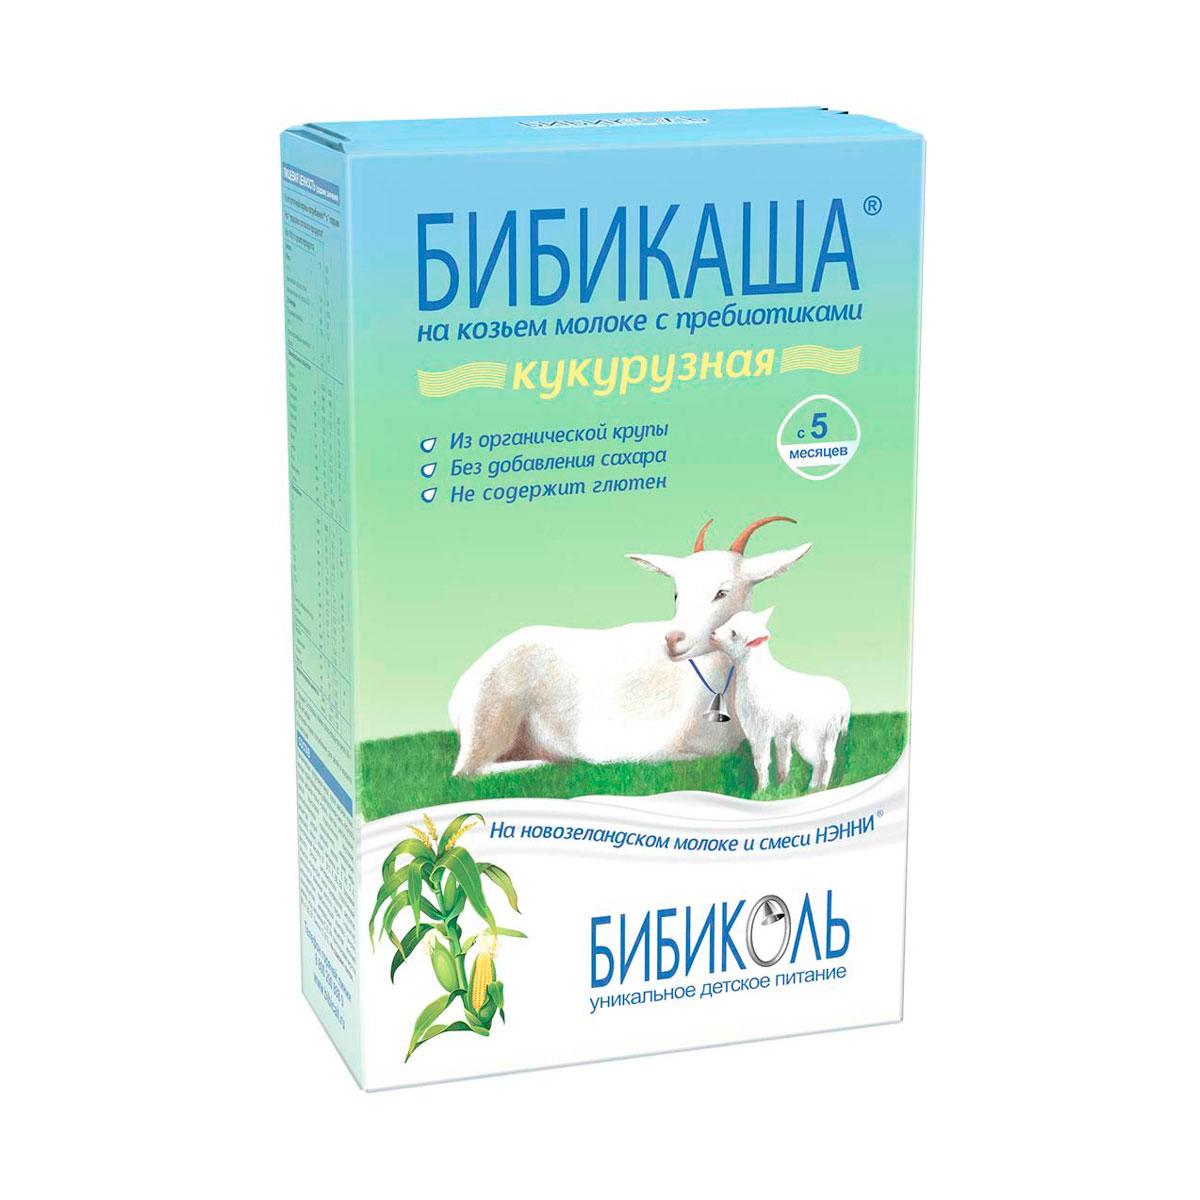 Каша Бибикаша на козьем молоке 200 гр Кукурузная (с 5 мес) (Бибиколь)